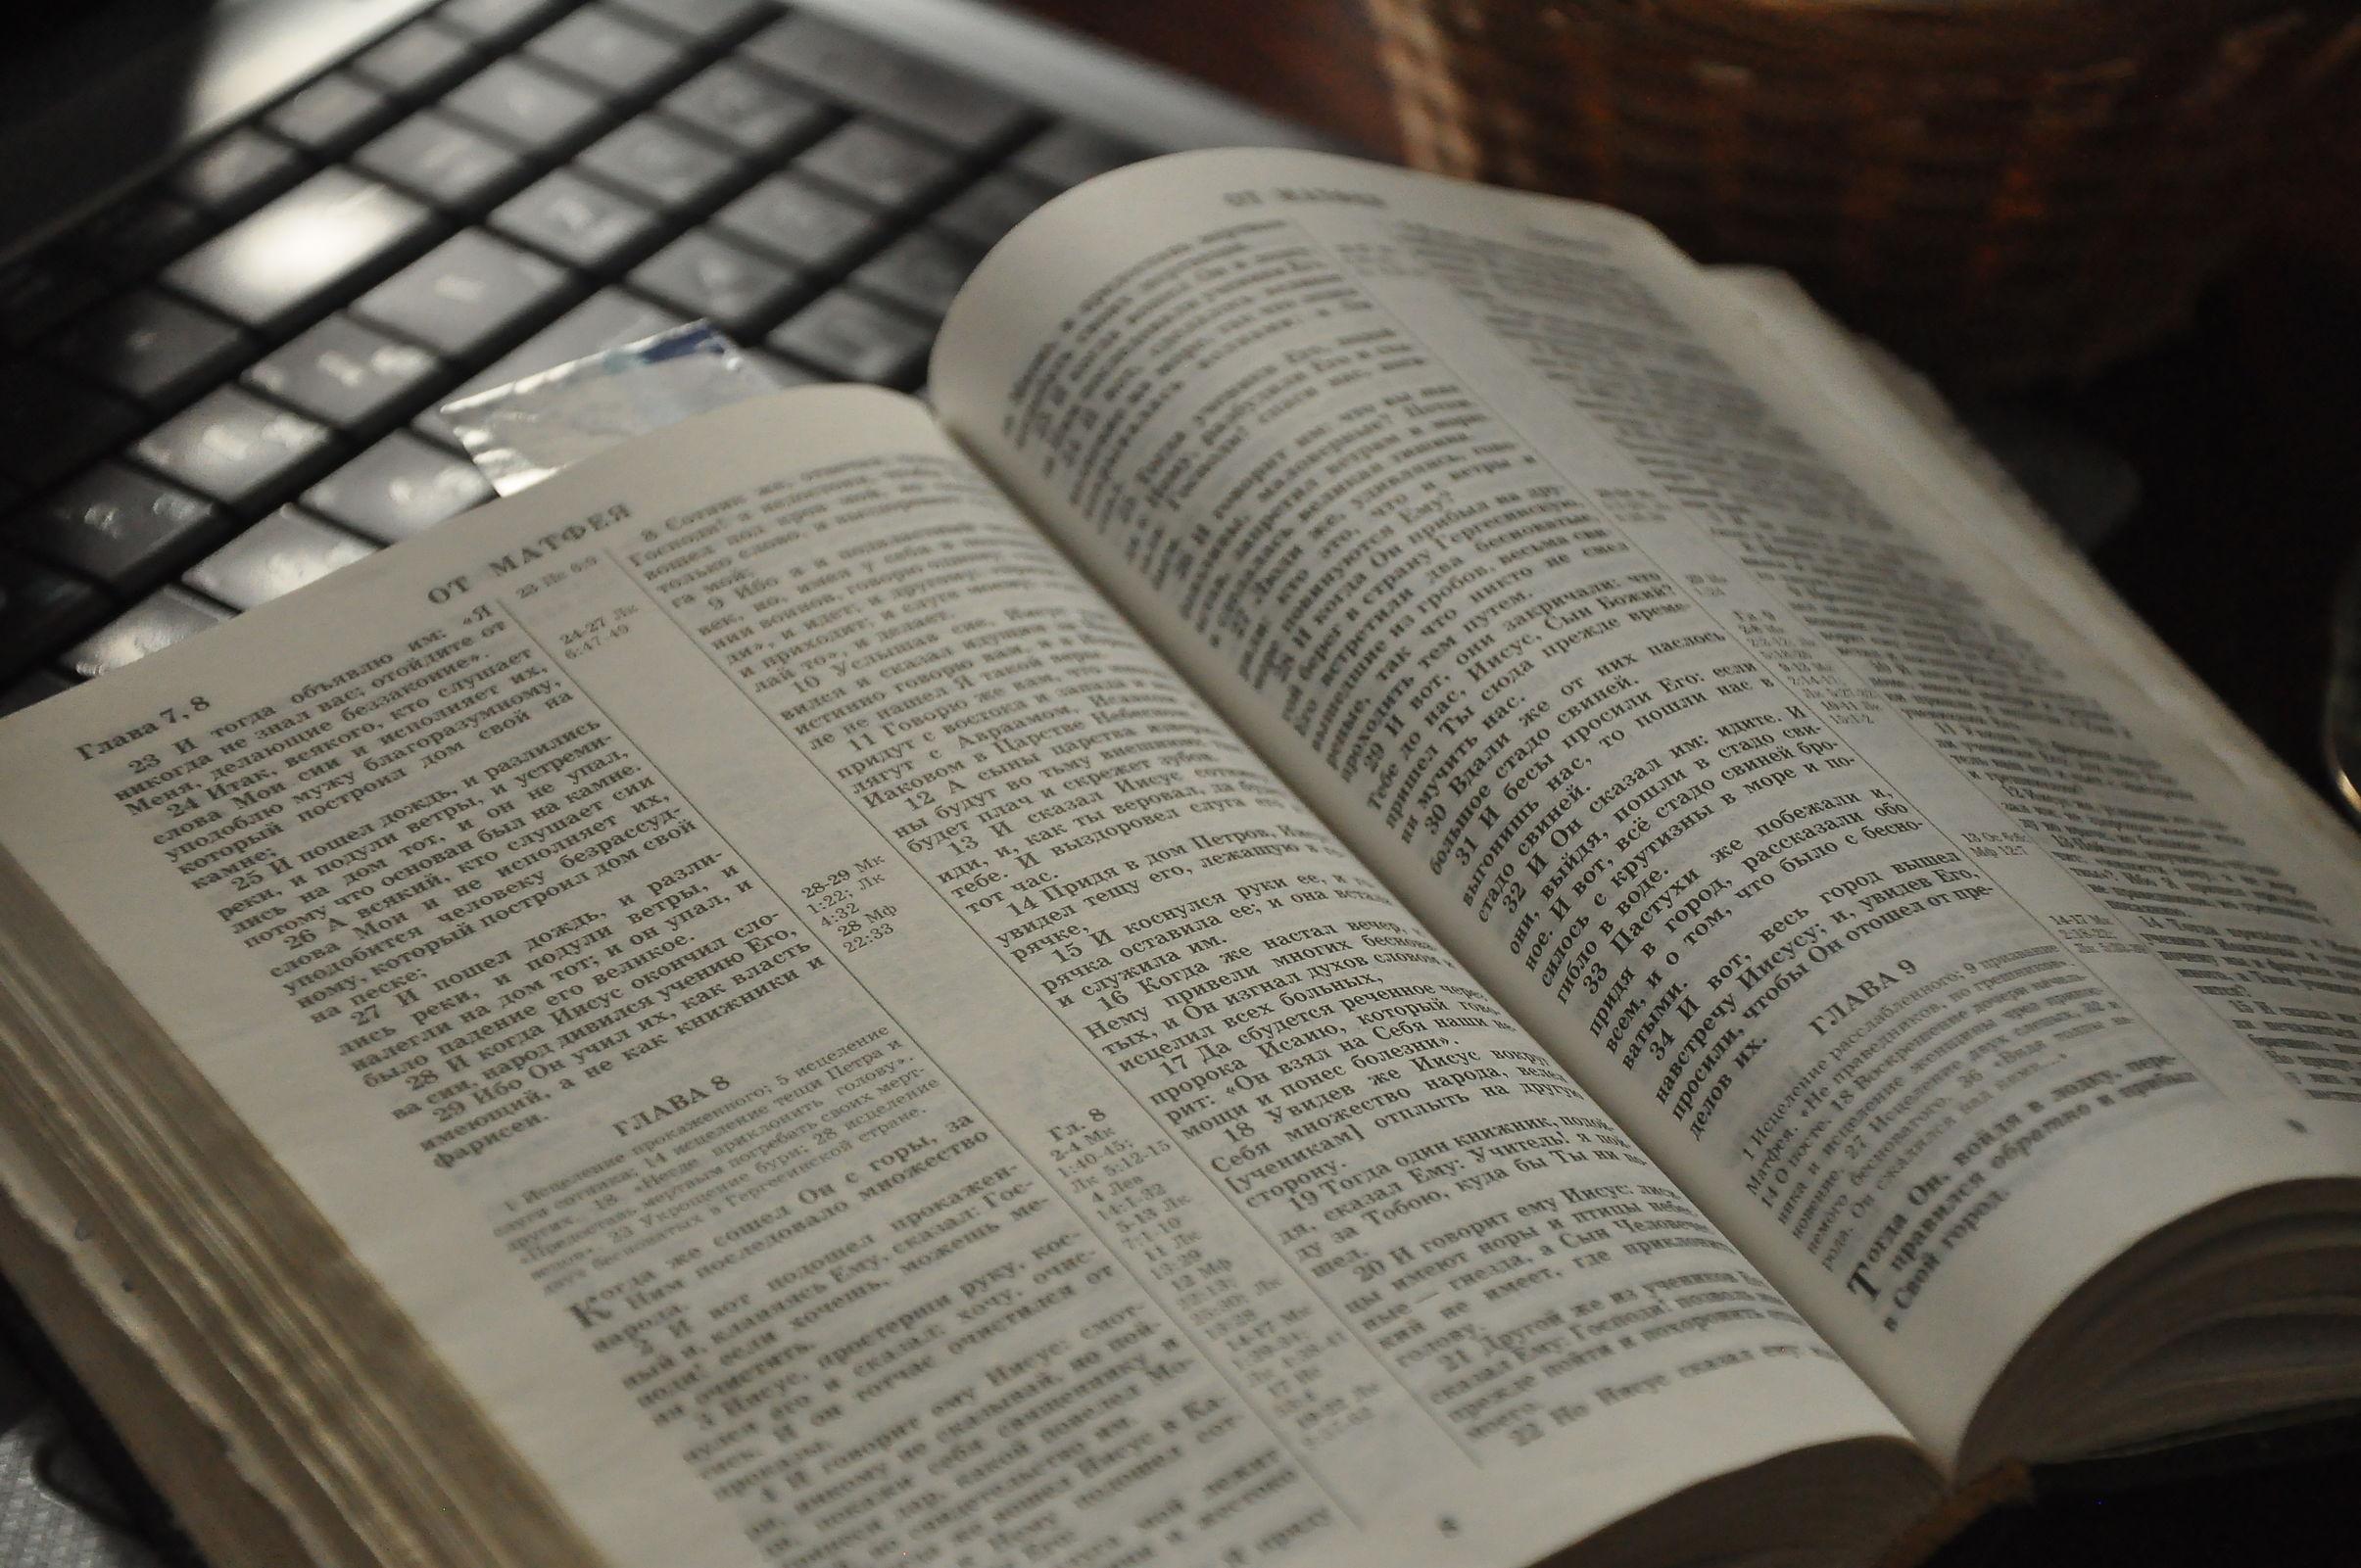 В Ярославле на Пасху бесплатно раздадут Библии